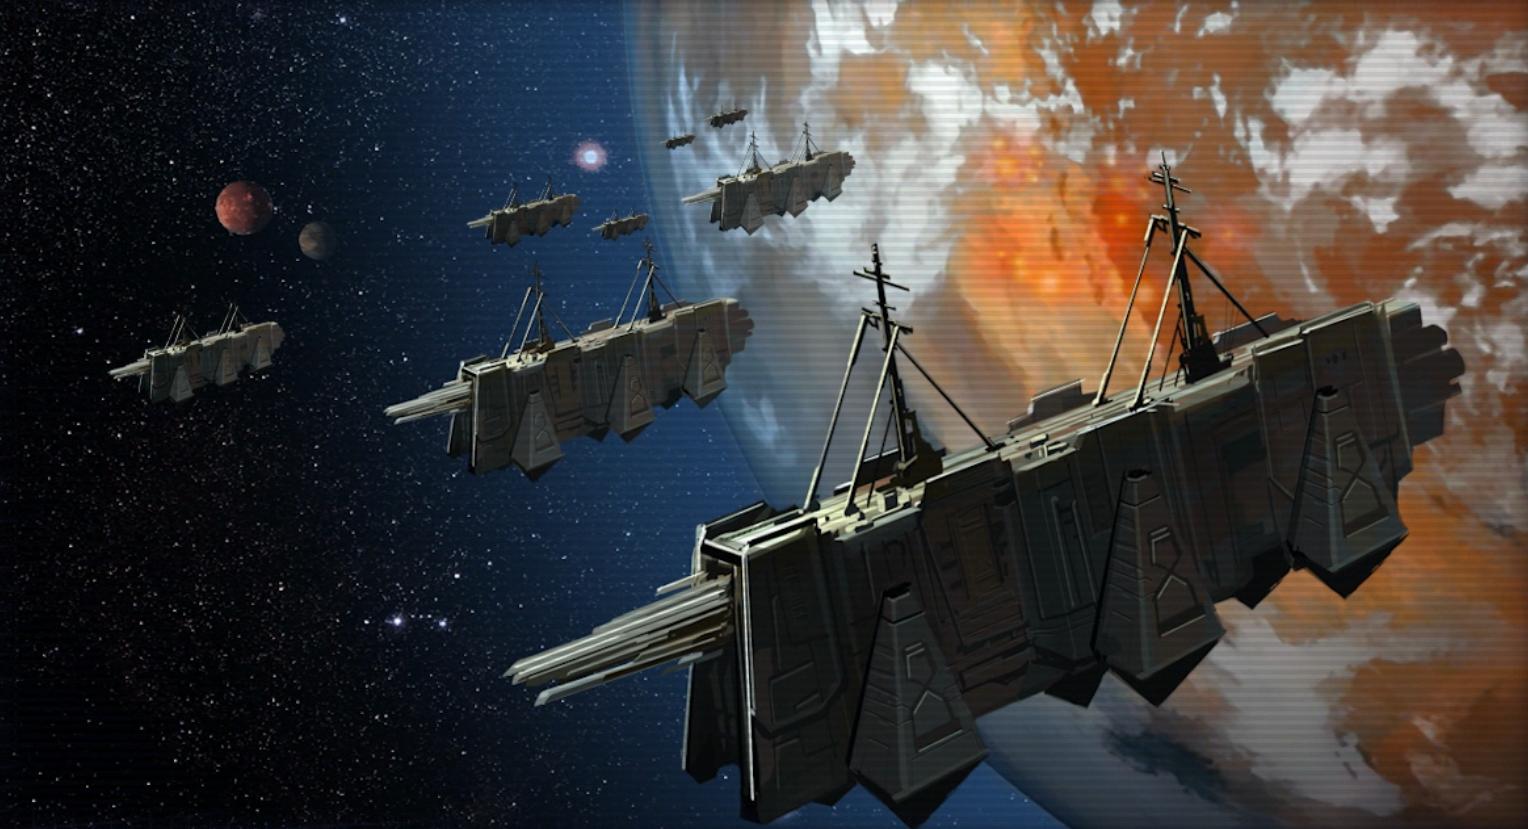 Het Sith Empire verlaat Korriban in schepen pngSith Empire